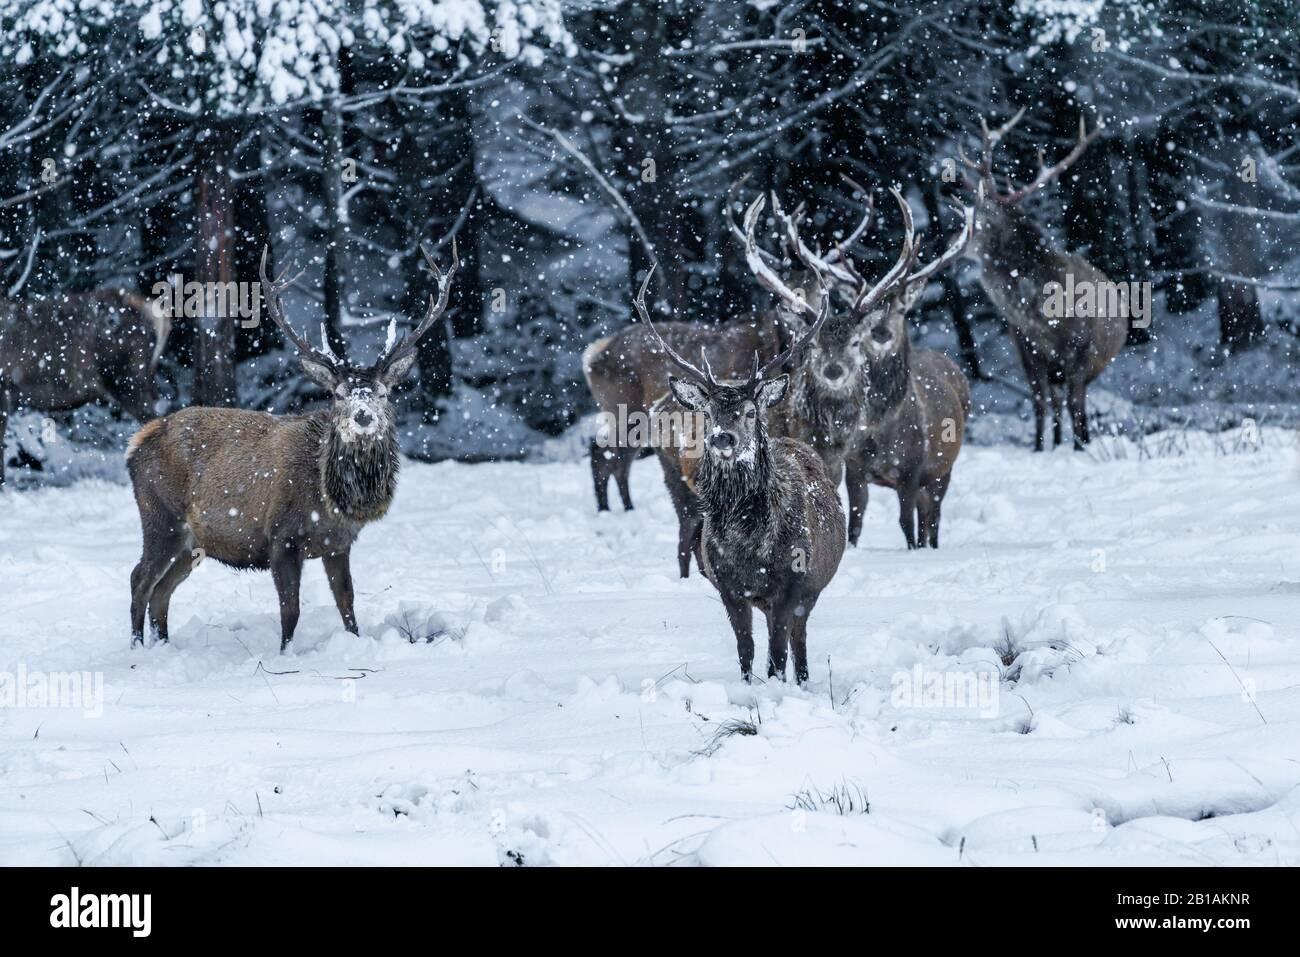 Ciervo escocés rojo (Cervus elaphus) en invierno ventisca de nieve en Escocia - enfoque selectivo Foto de stock